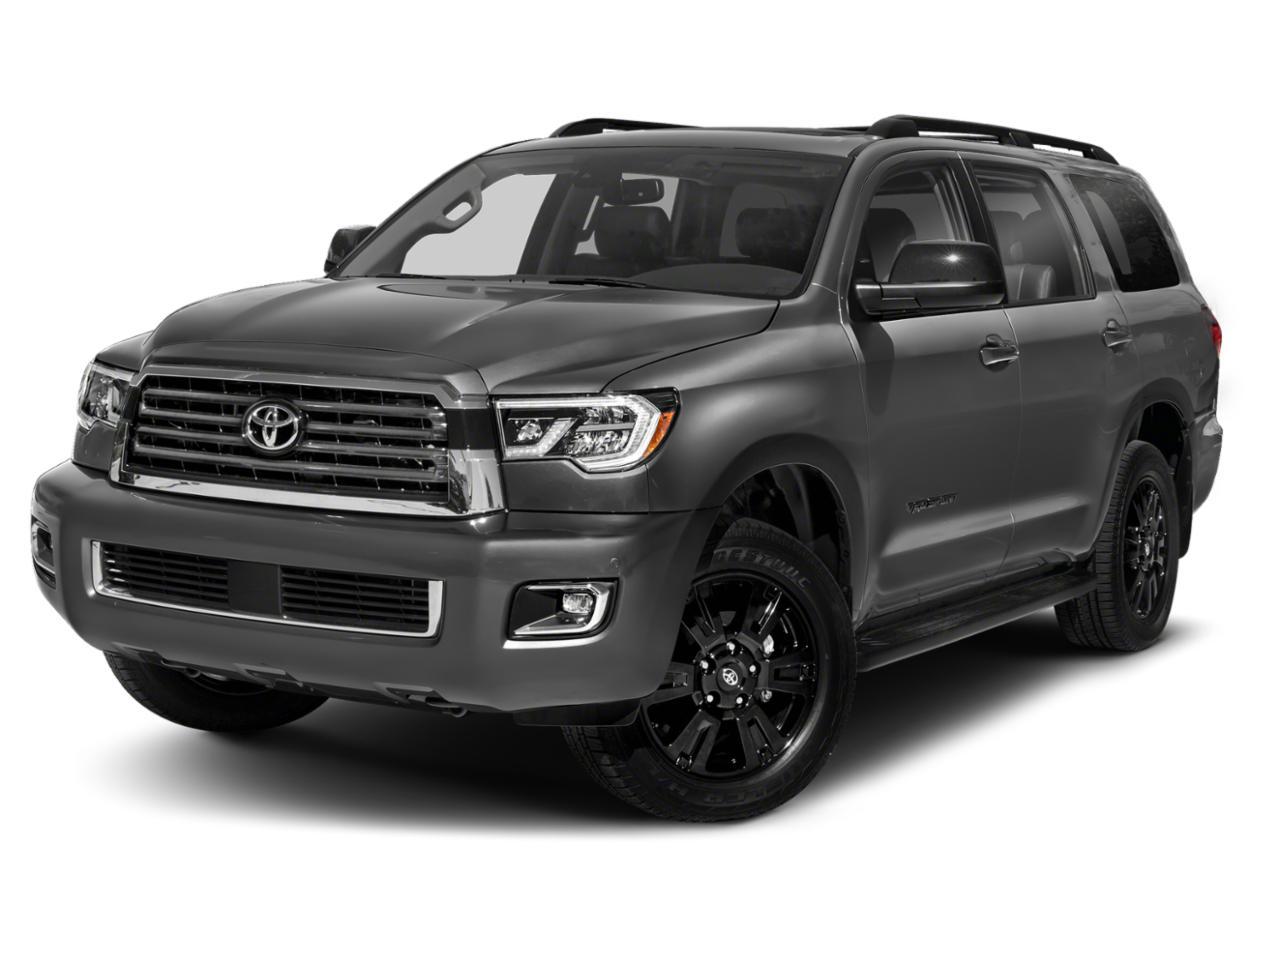 2019 Toyota Sequoia Vehicle Photo in San Antonio, TX 78230